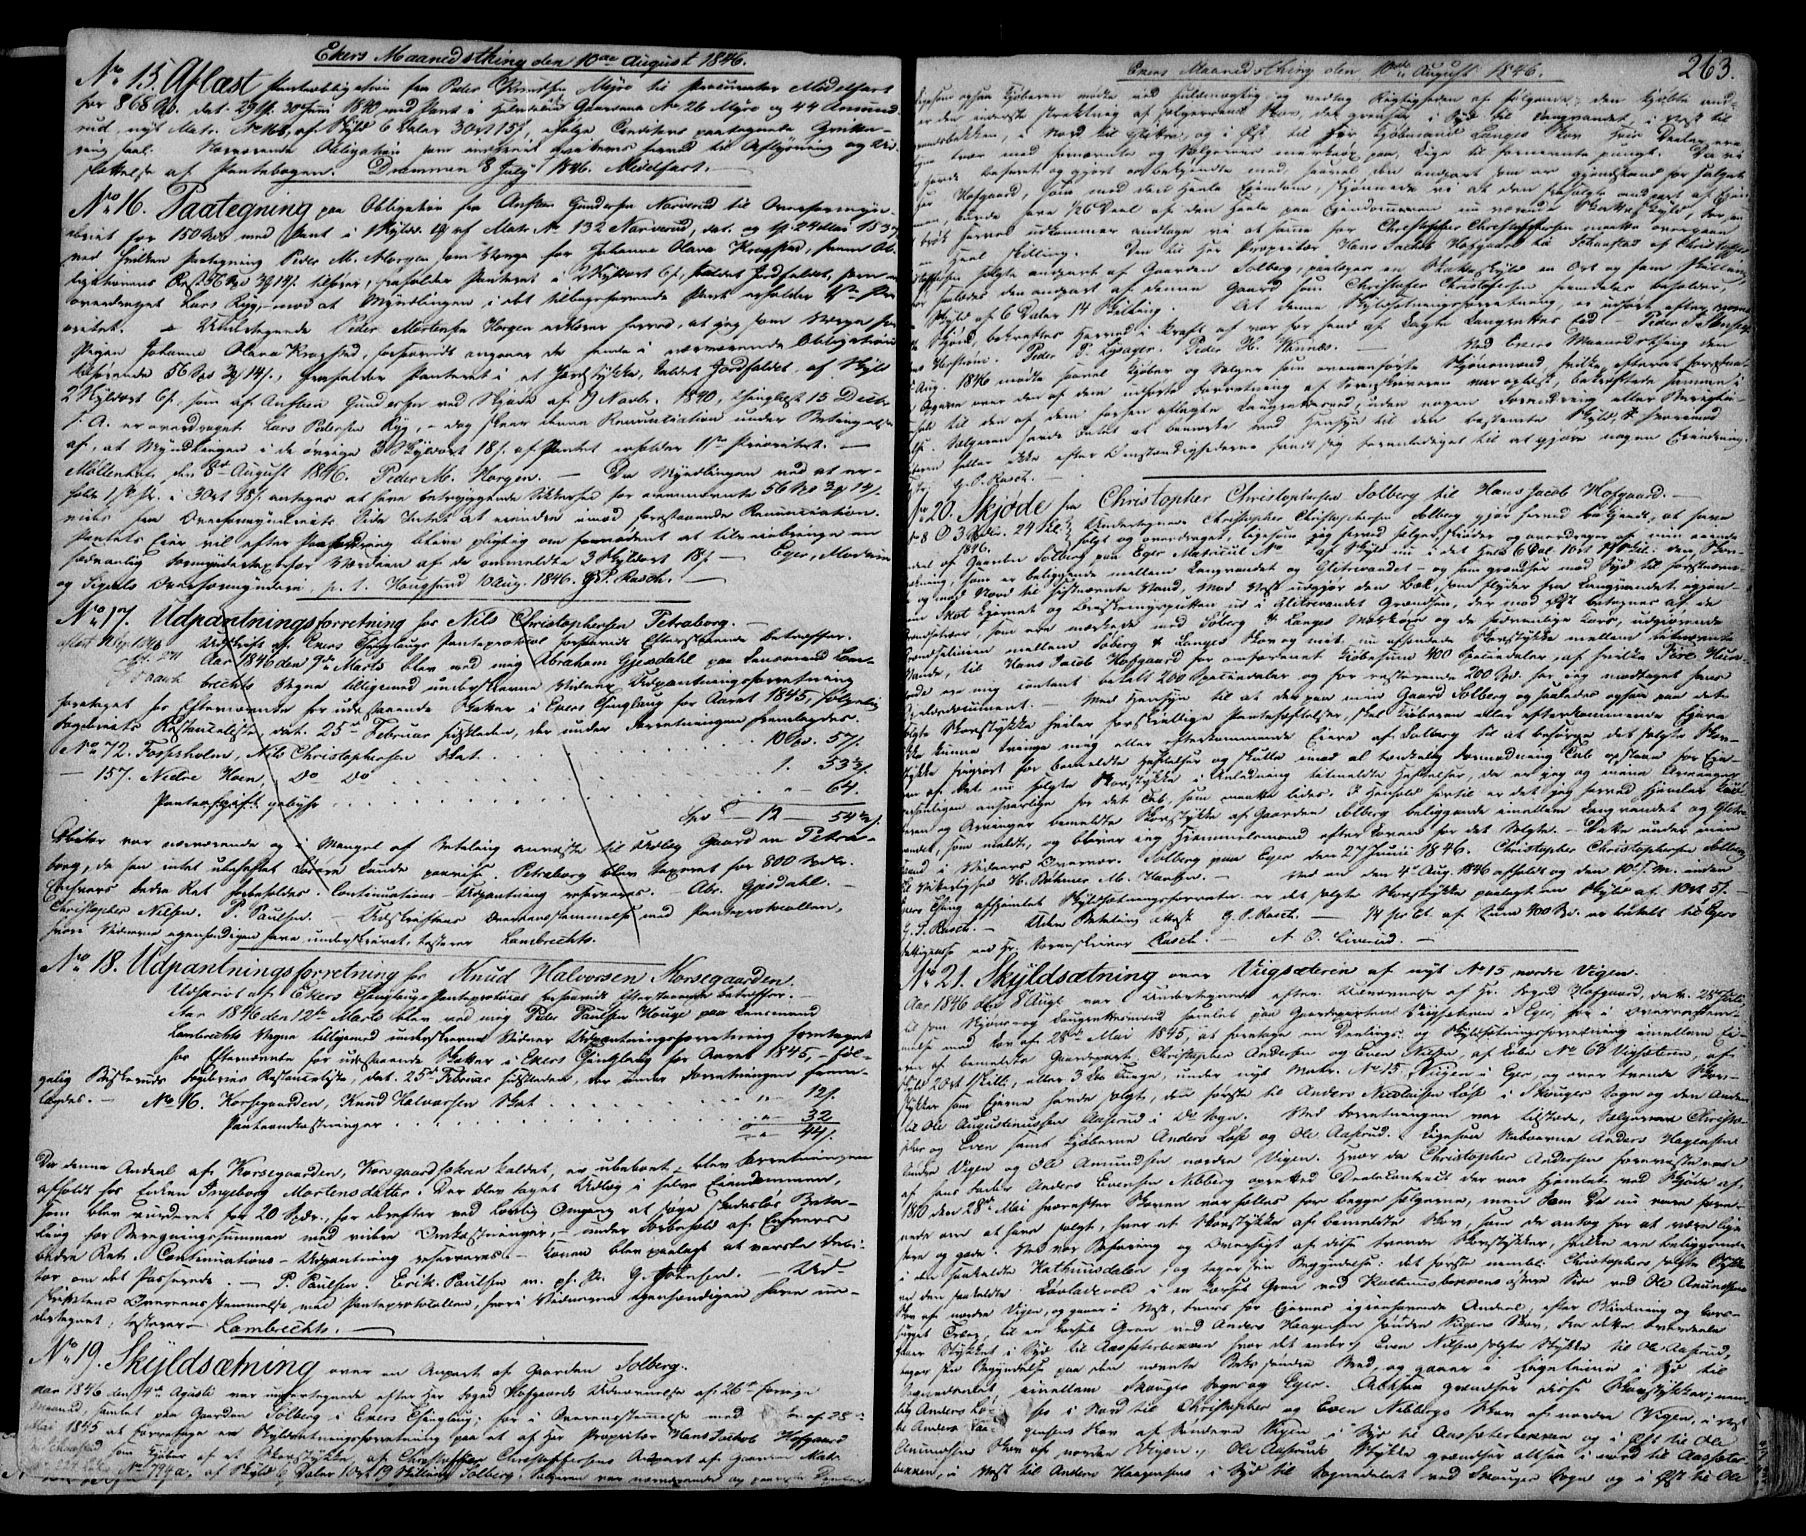 SAKO, Eiker, Modum og Sigdal sorenskriveri, G/Ga/Gaa/L0012a: Pantebok nr. I 12a, 1844-1848, s. 263